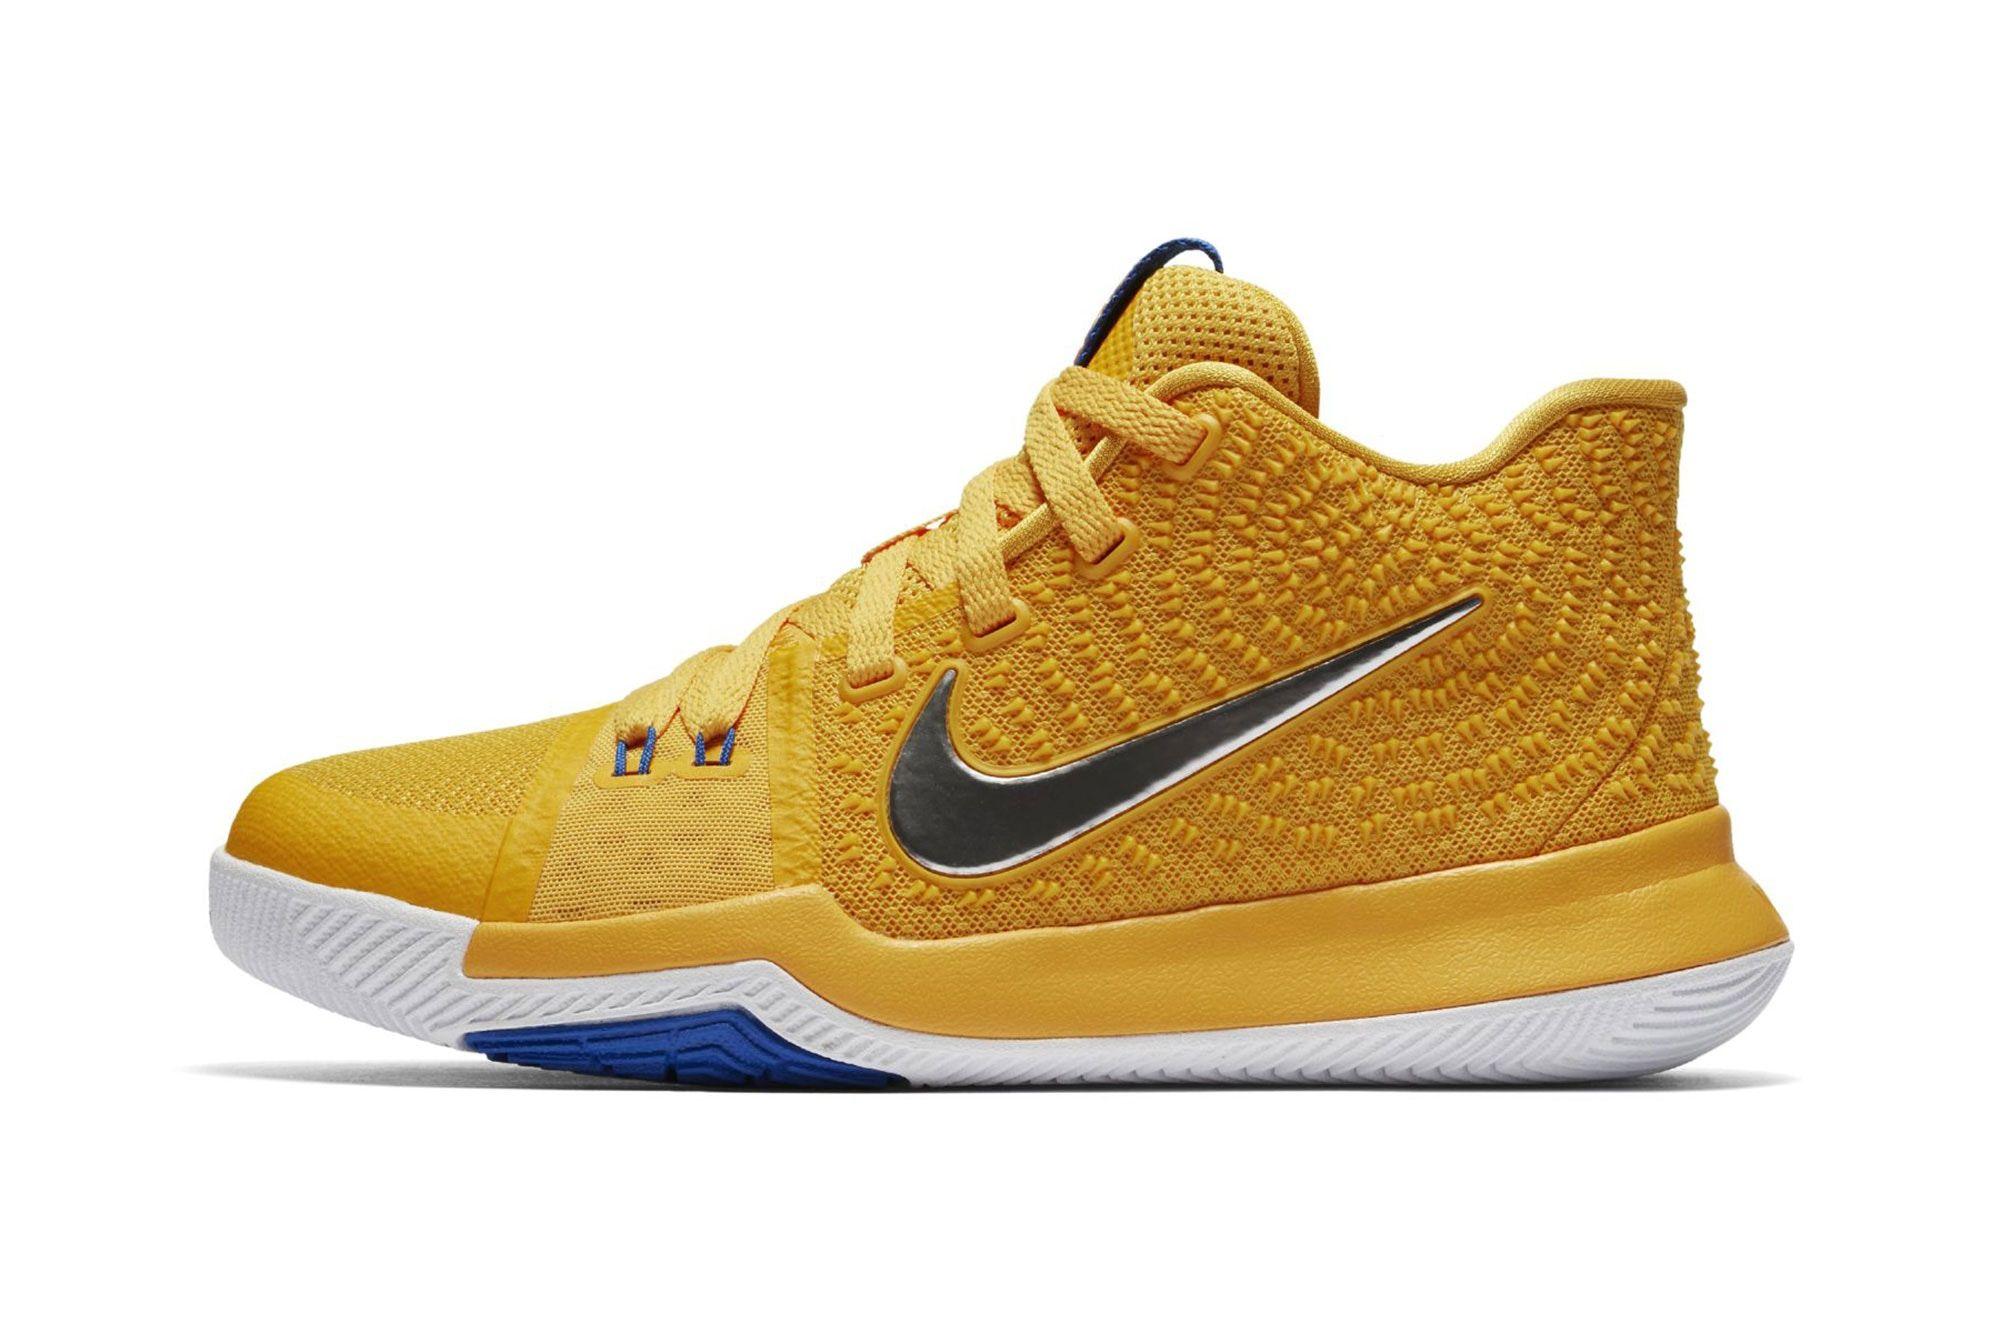 Nike Basketball Kyrie Irving 3 Macaroni